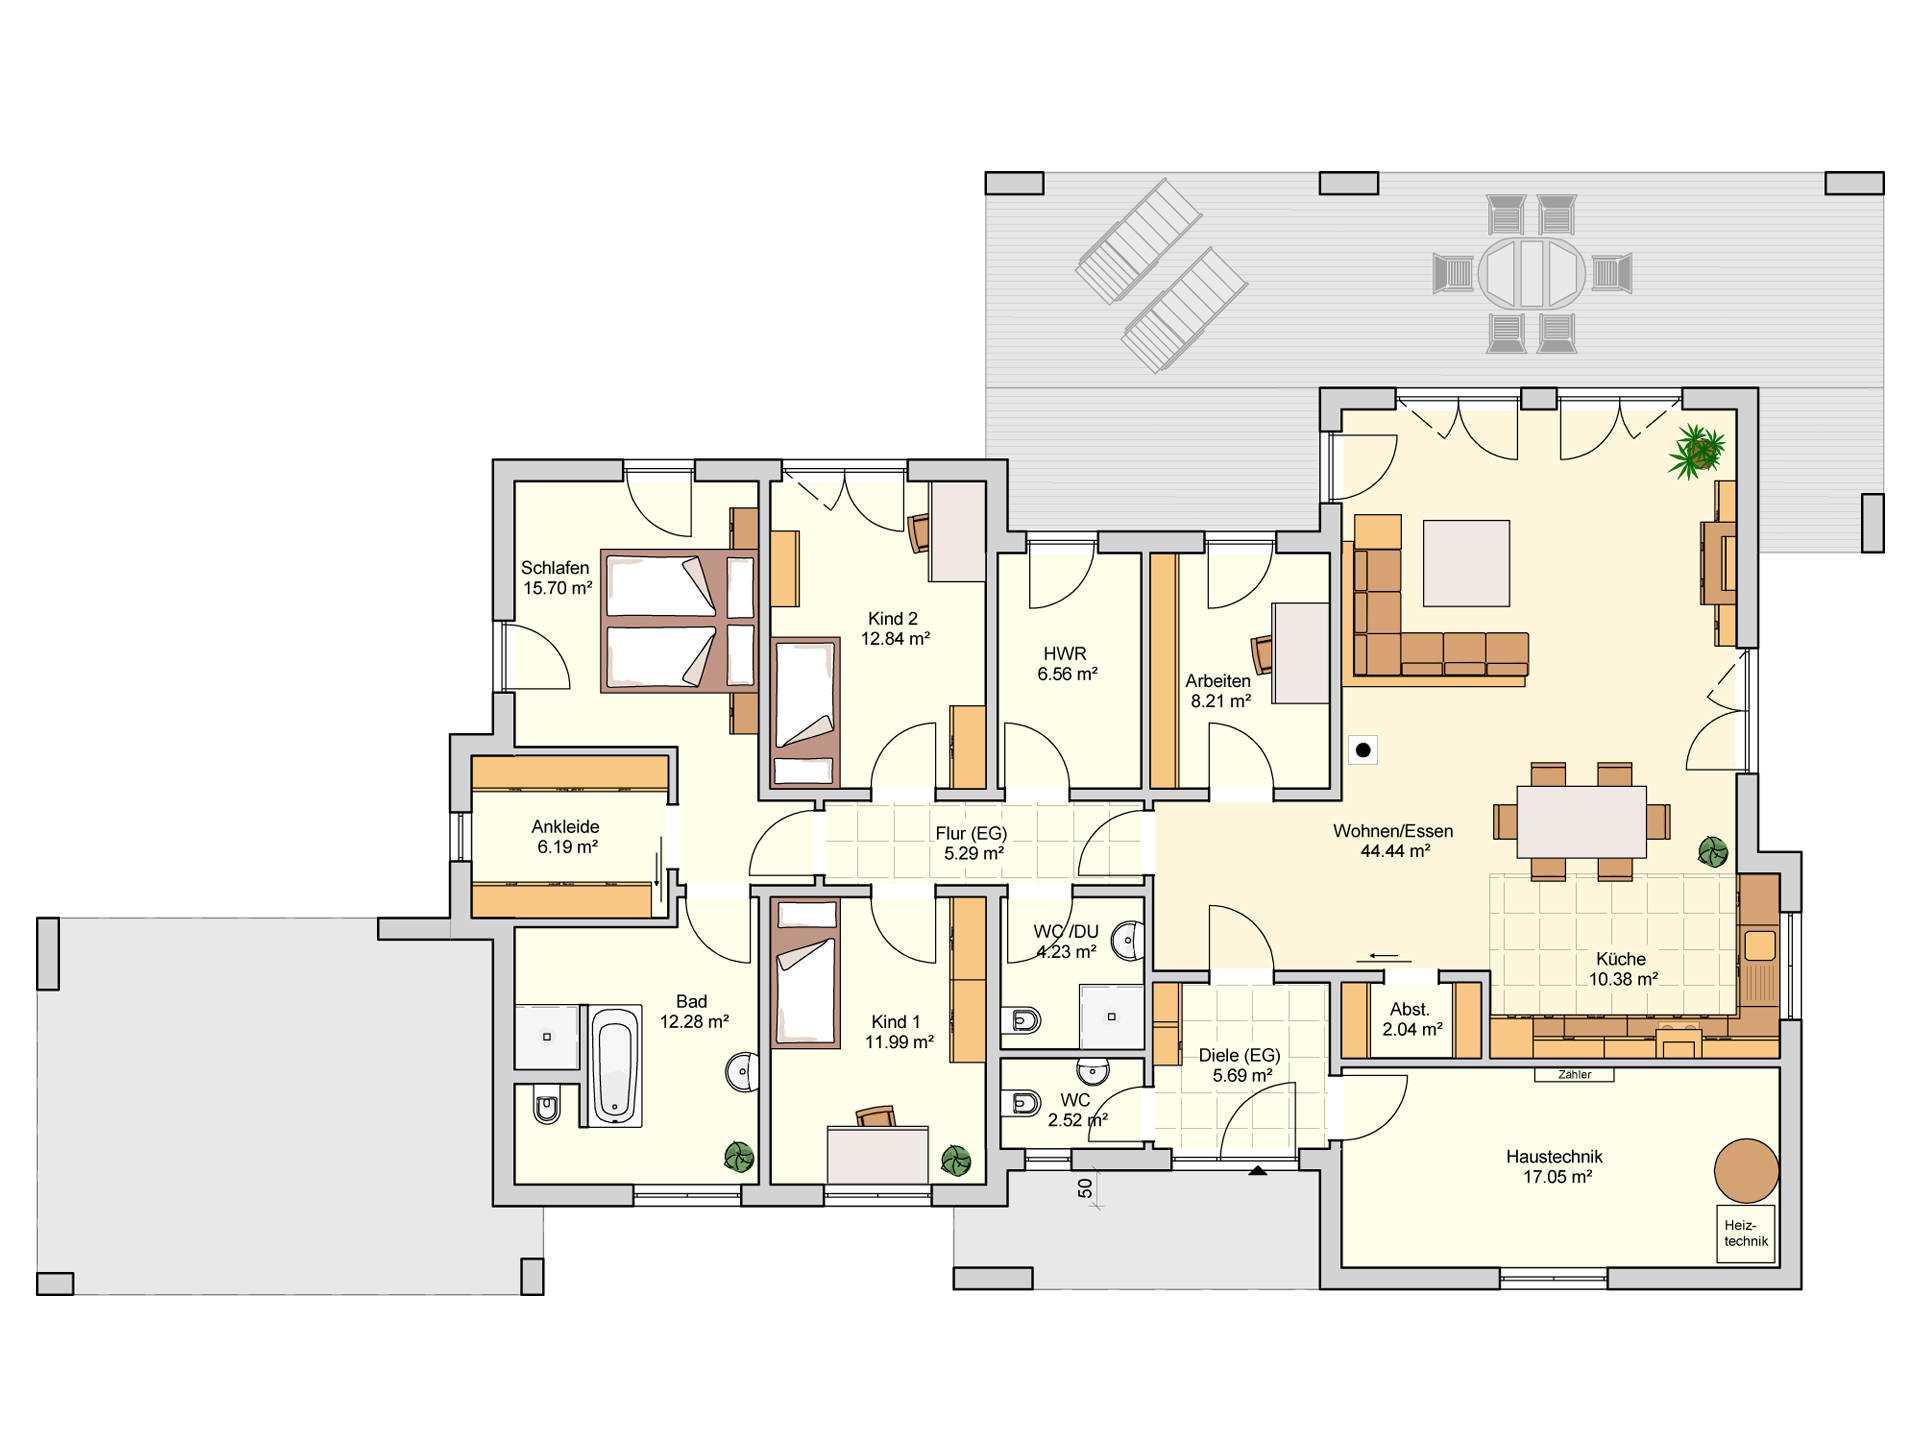 Barrierefreies Haus Bauen - Beispielhäuser ✓ Förderungen ✓